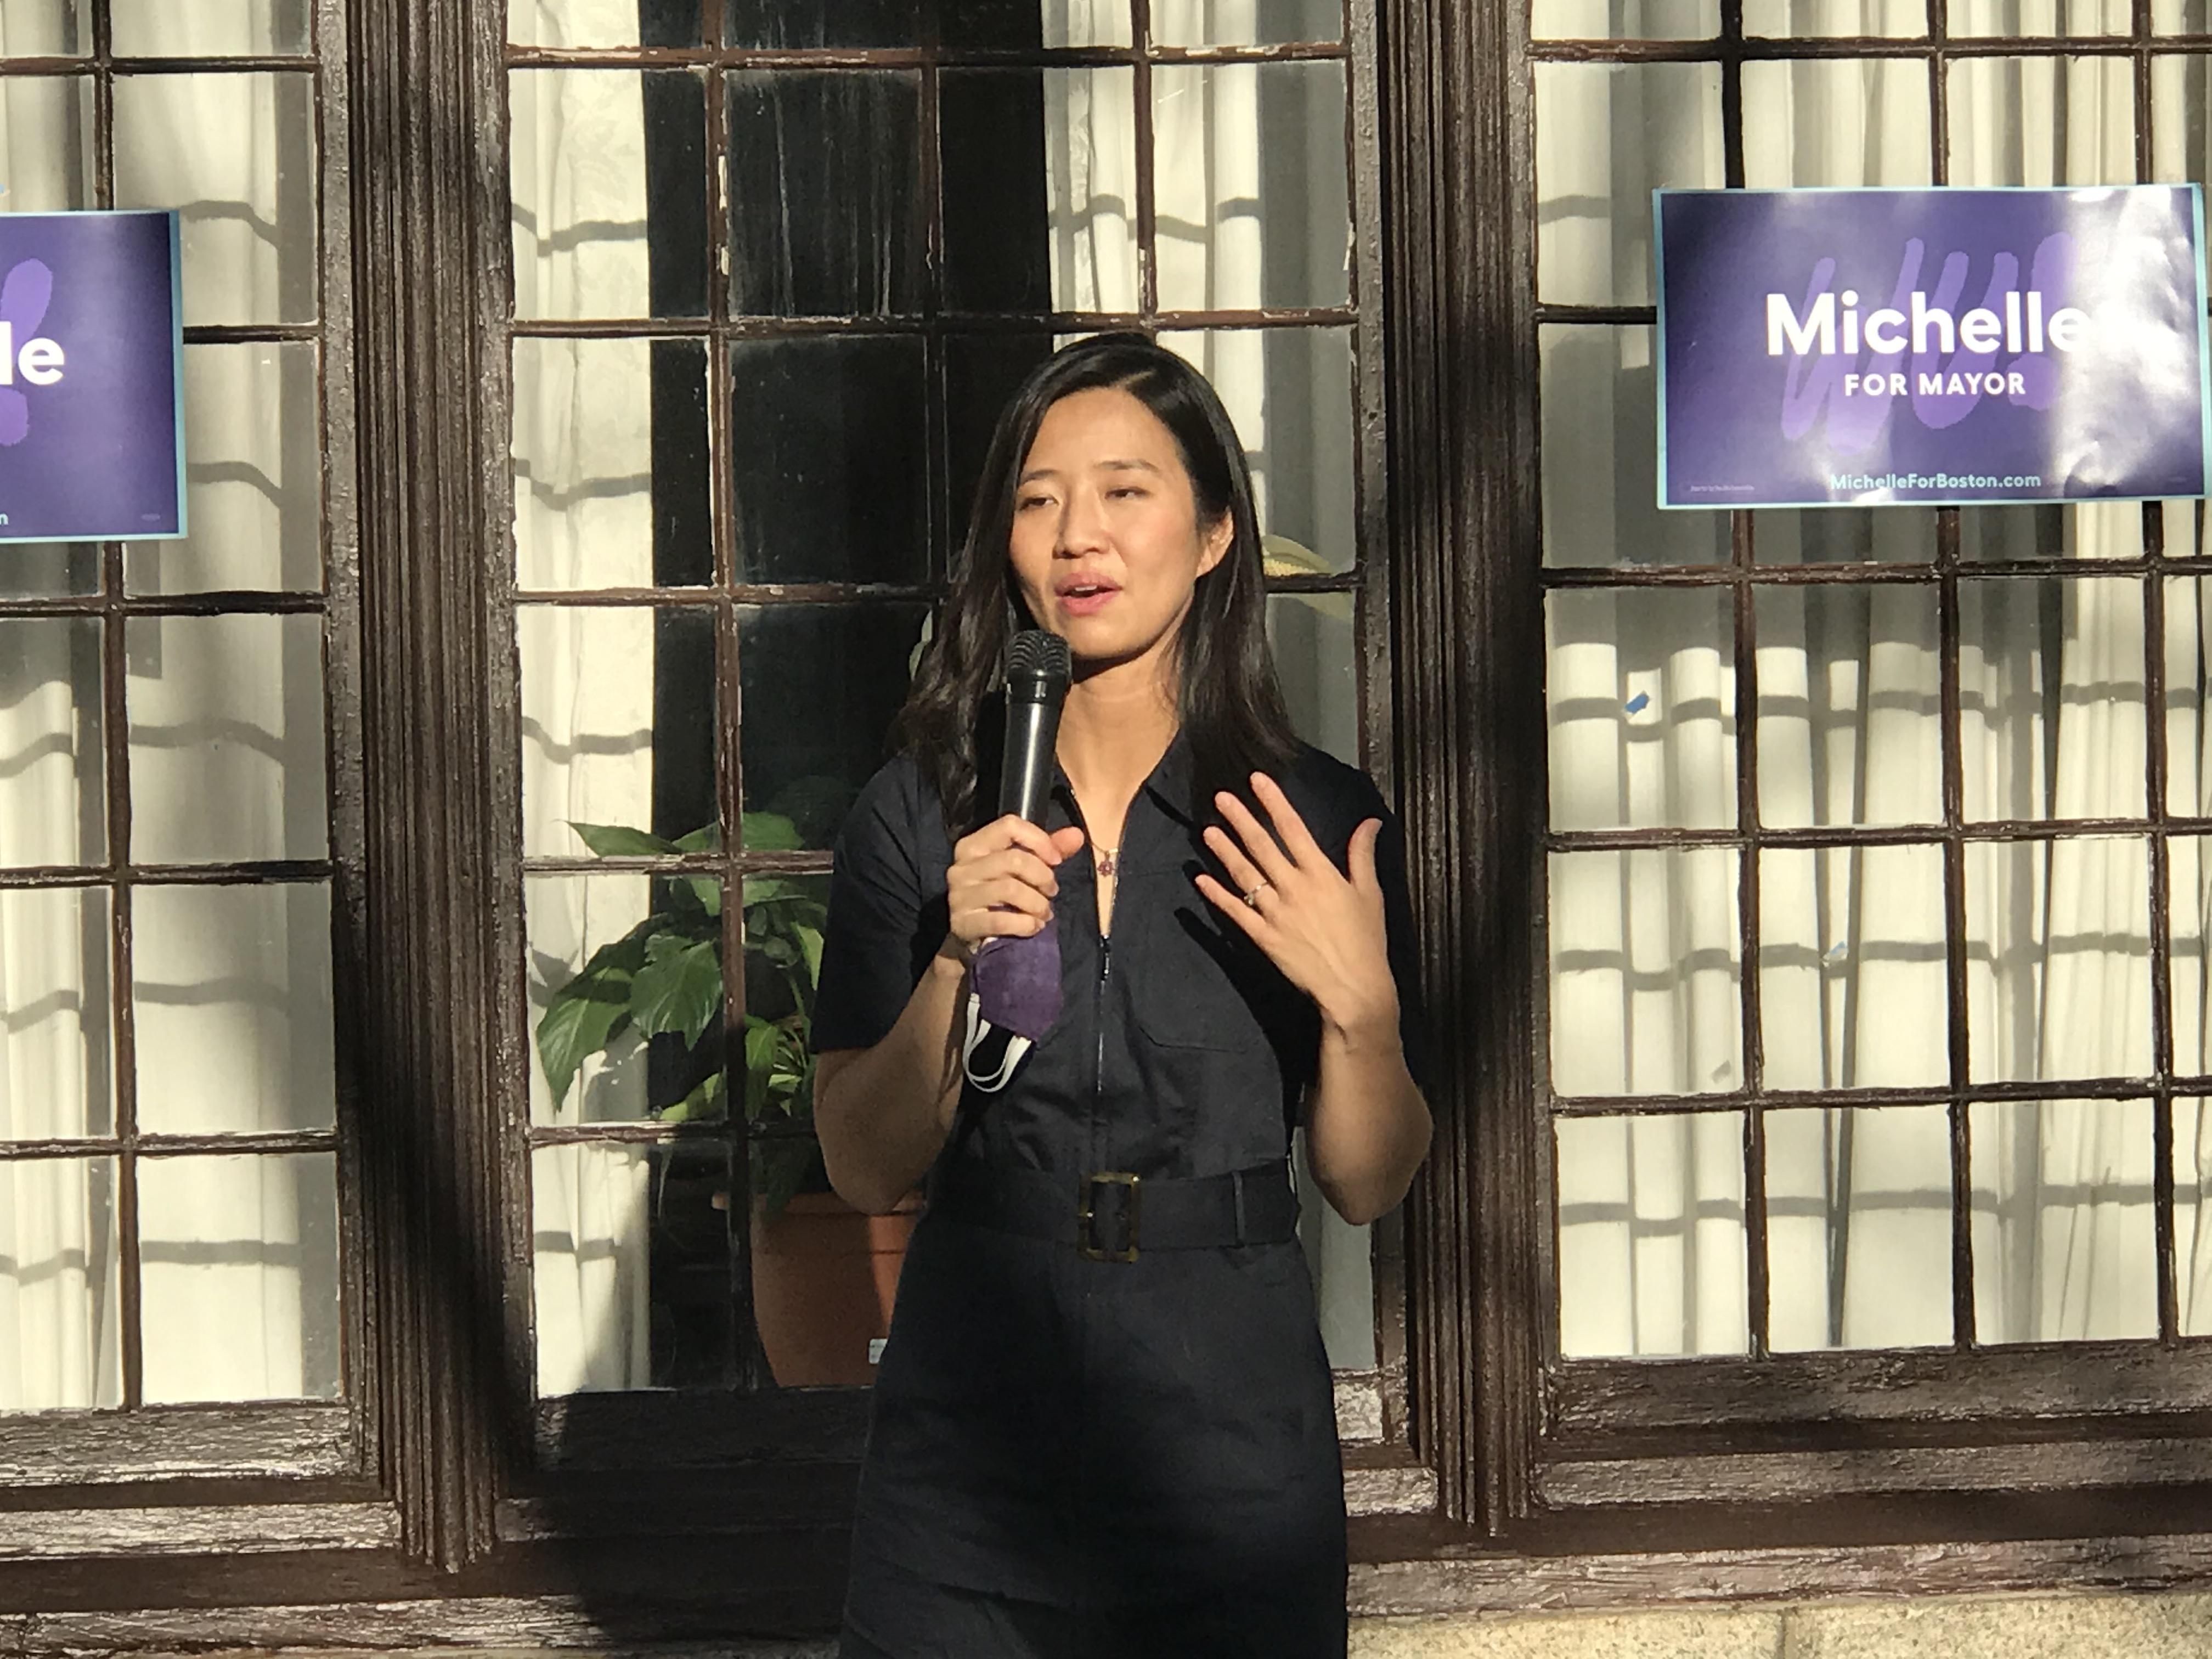 波士顿议员吴弭竞选市长纲领:要将波士顿打造成为全美标杆性城市